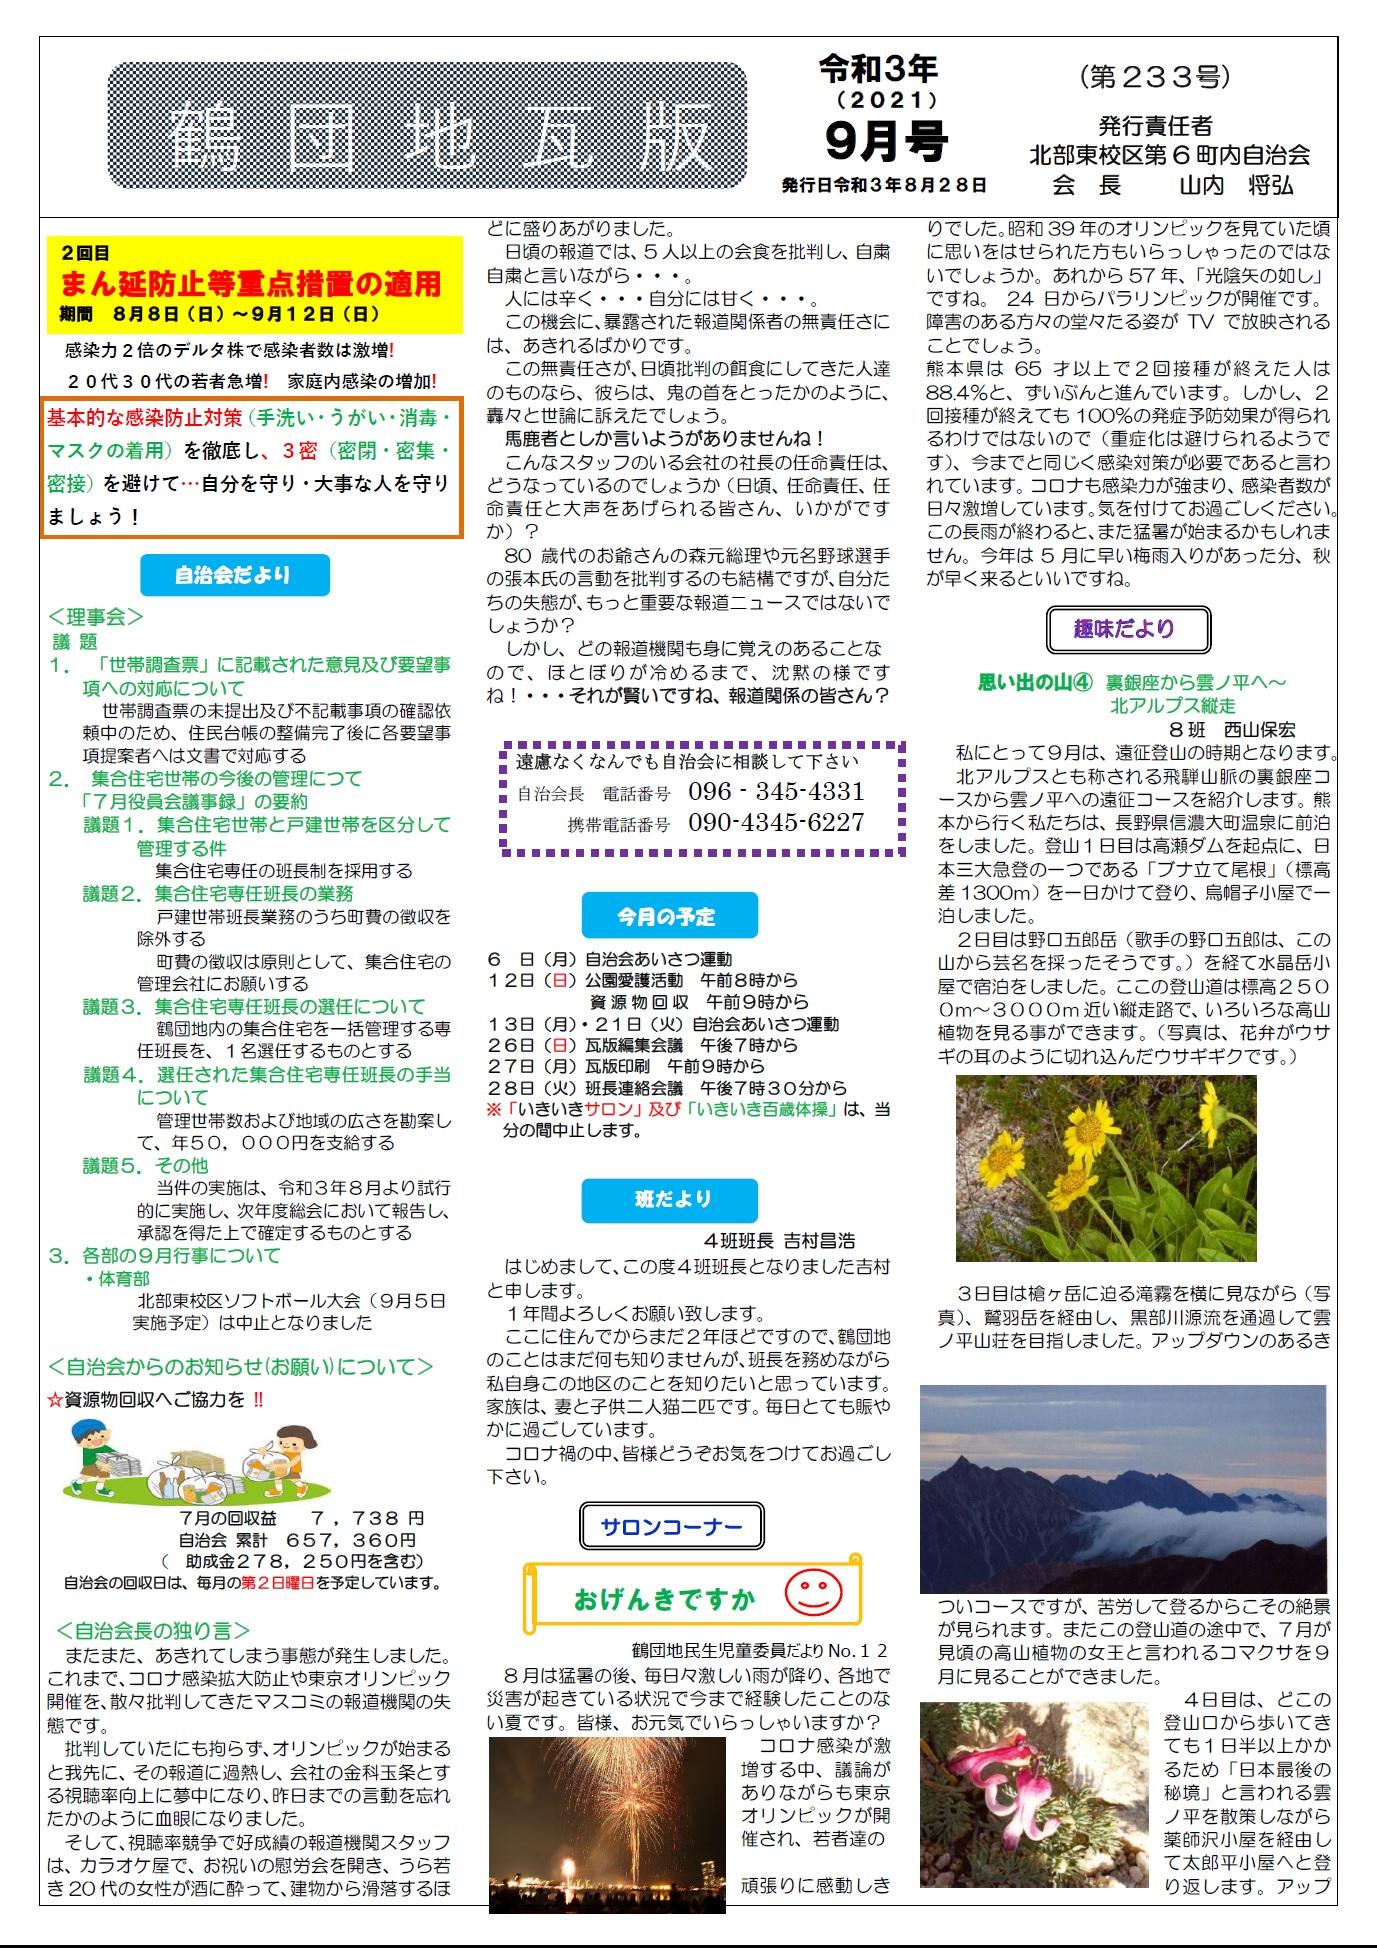 鶴団地瓦版(令和3年9月号)表